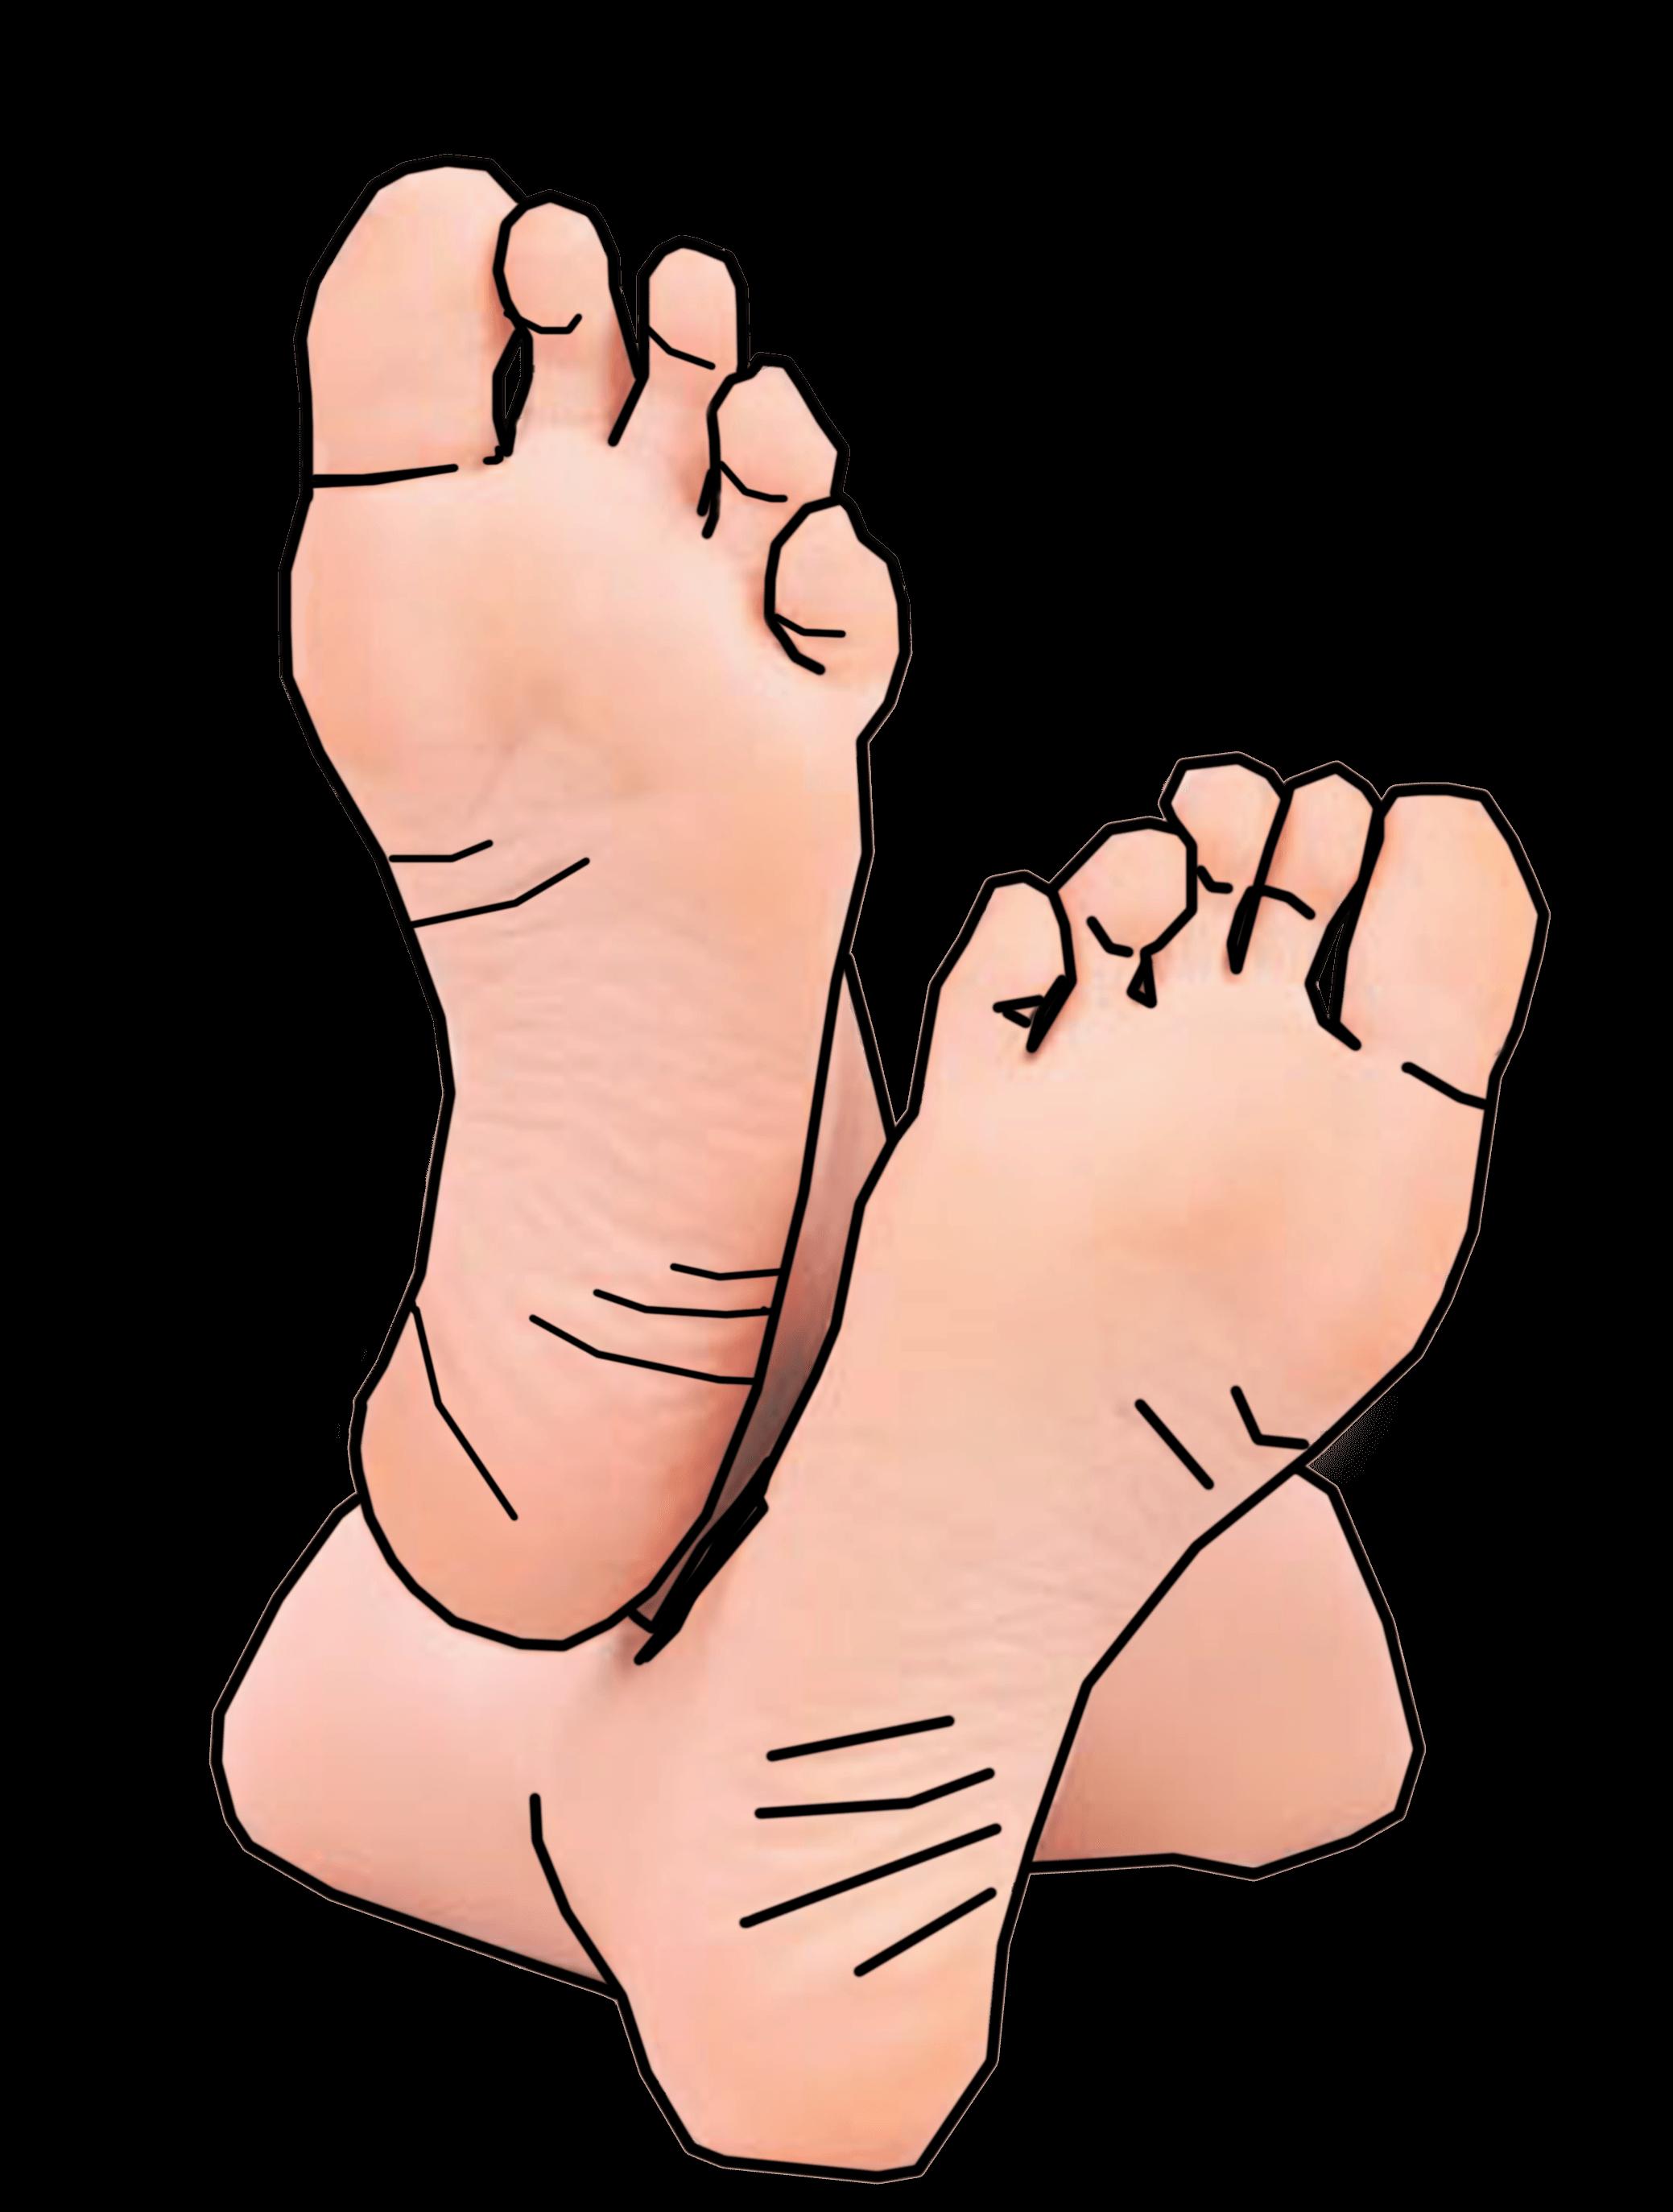 Free Big Toe Cliparts, Download Free Clip Art, Free Clip Art.